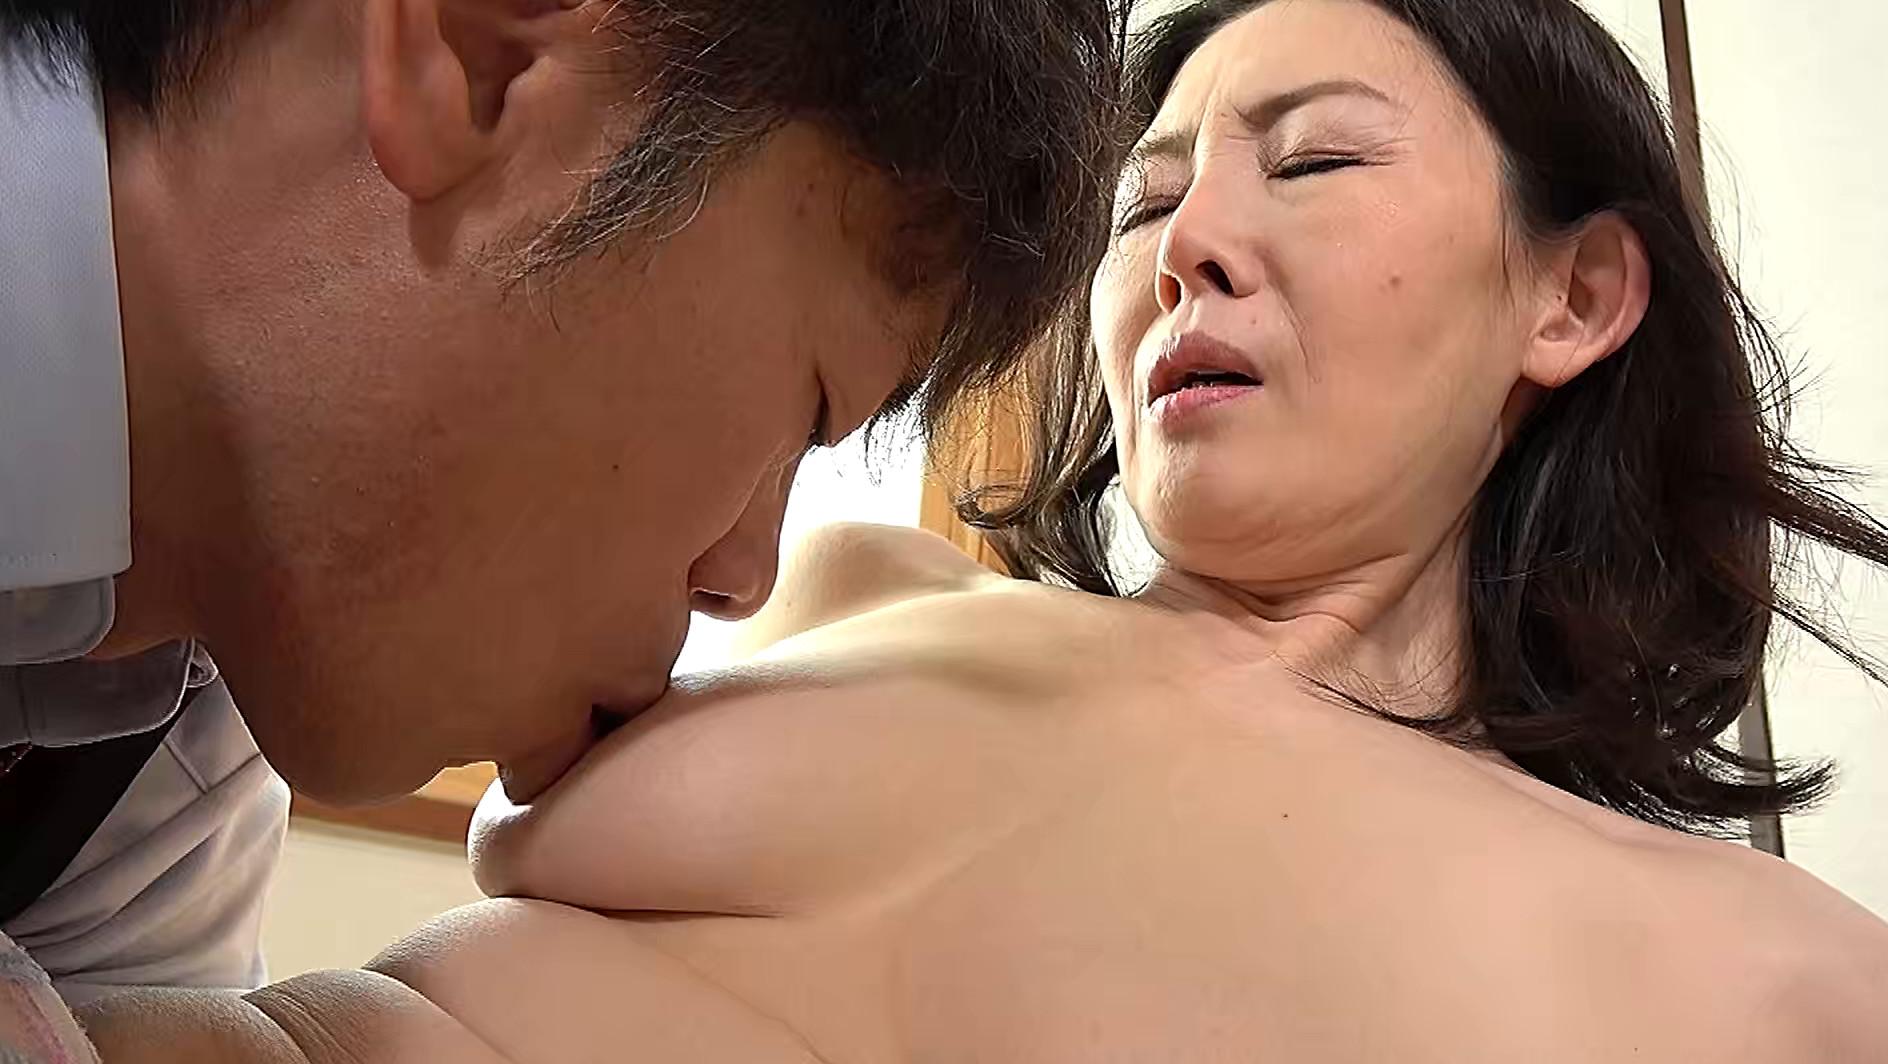 熟妻 夫の誘いは拒絶するのに夫の上司には股を開く五十路妻 息子のイジメ問題で生活指導の先生は母親を脅し中出し! 画像10